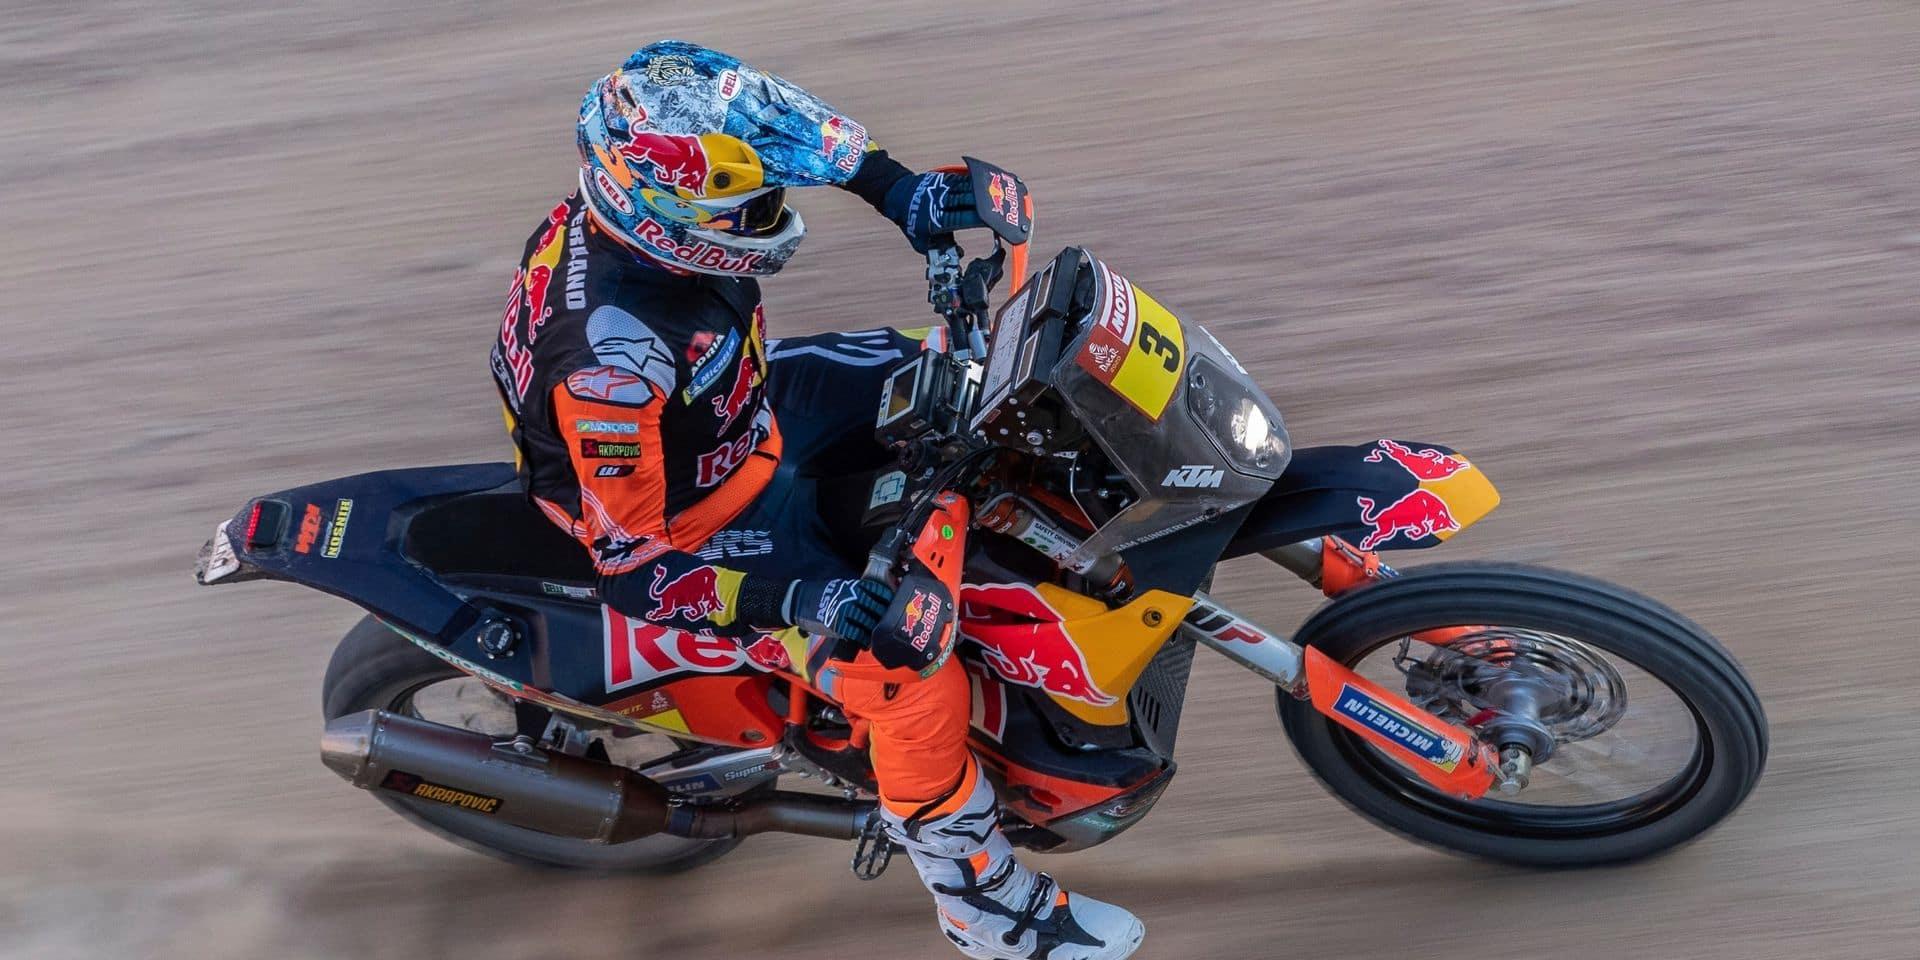 Dakar: Toby Price remporte la 5e étape en motos, Sunderland quitte la course